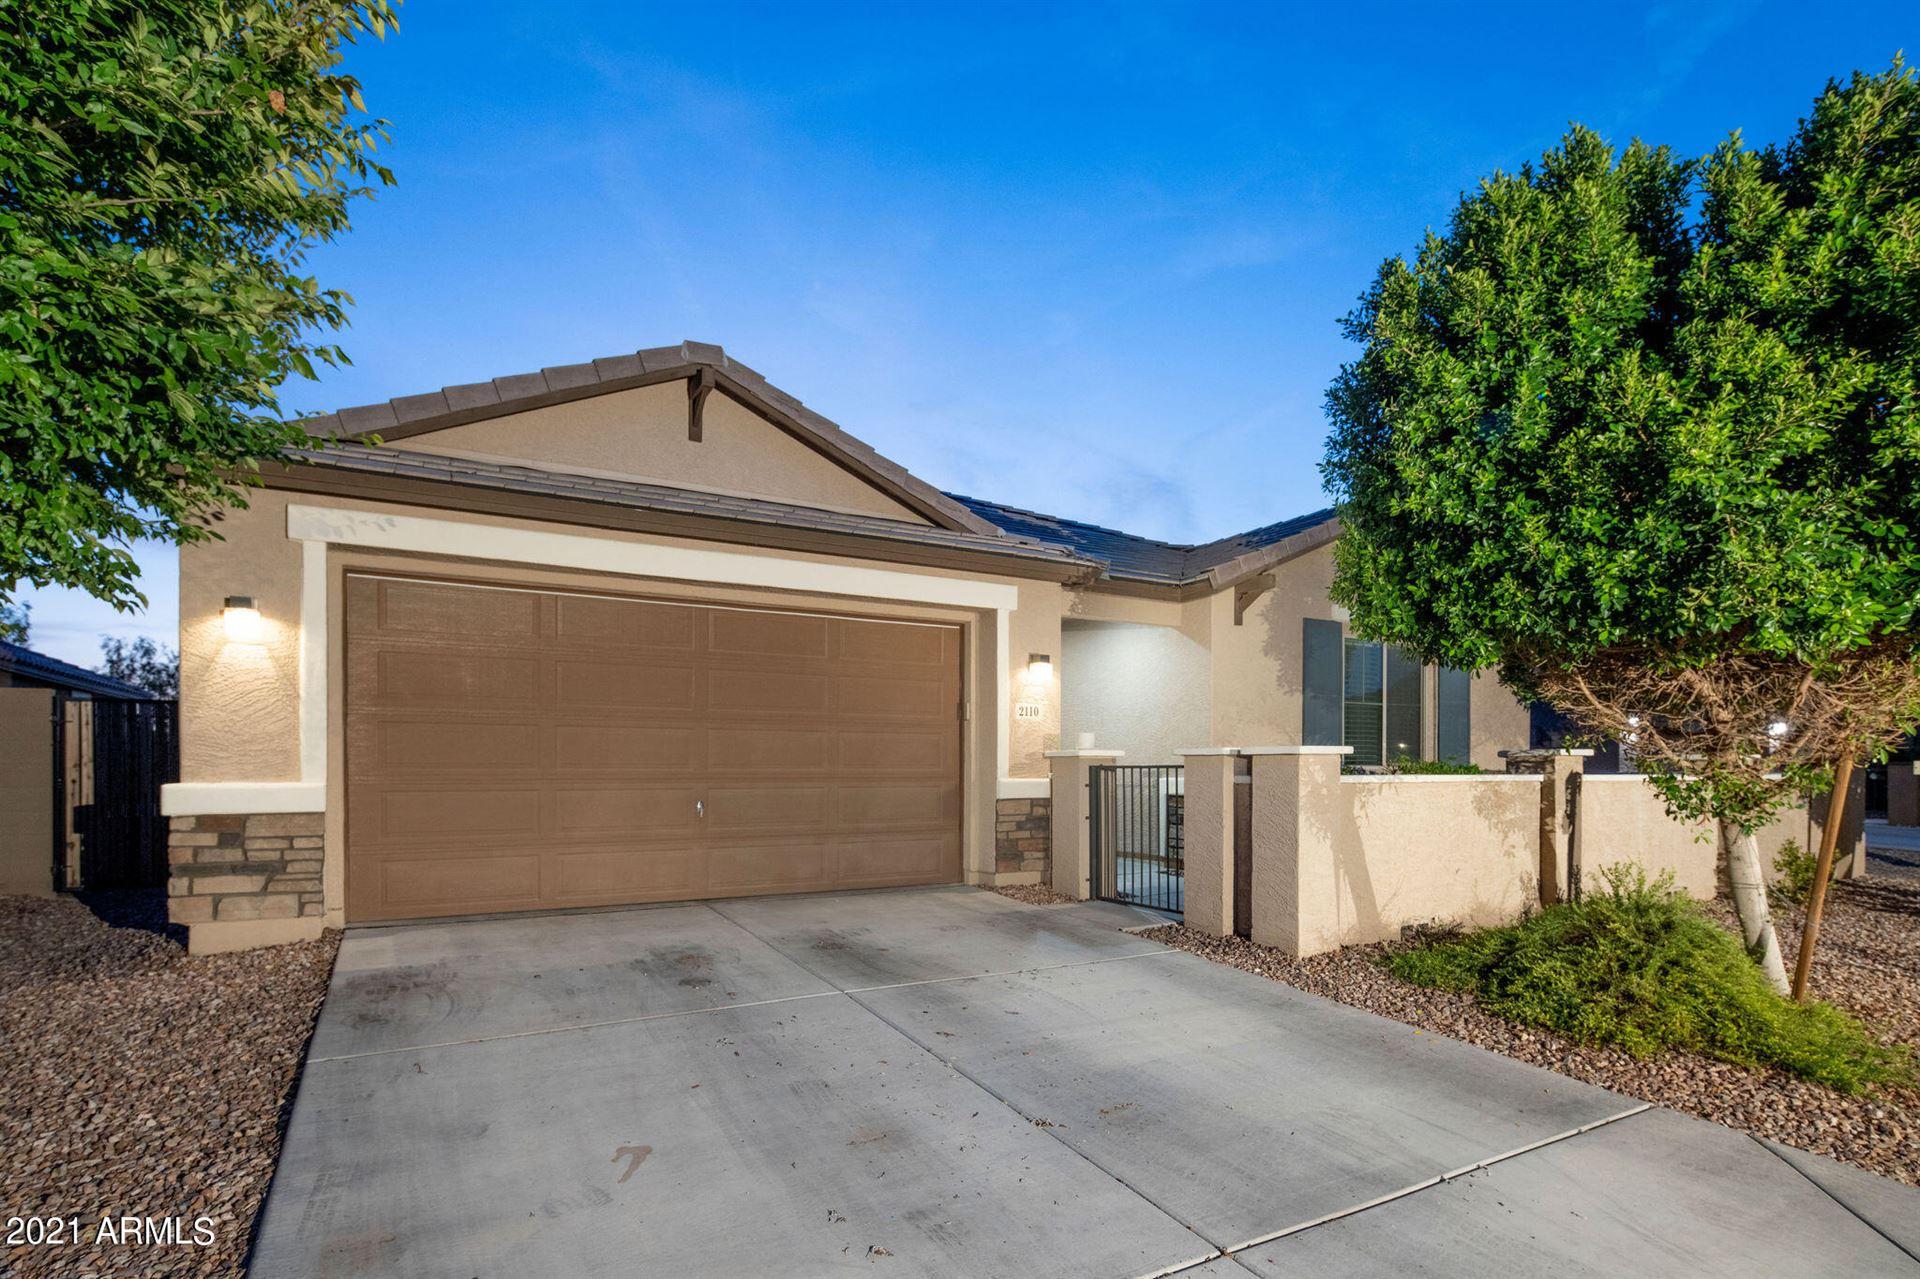 2110 S 122ND Drive, Avondale, AZ 85323 - MLS#: 6270397